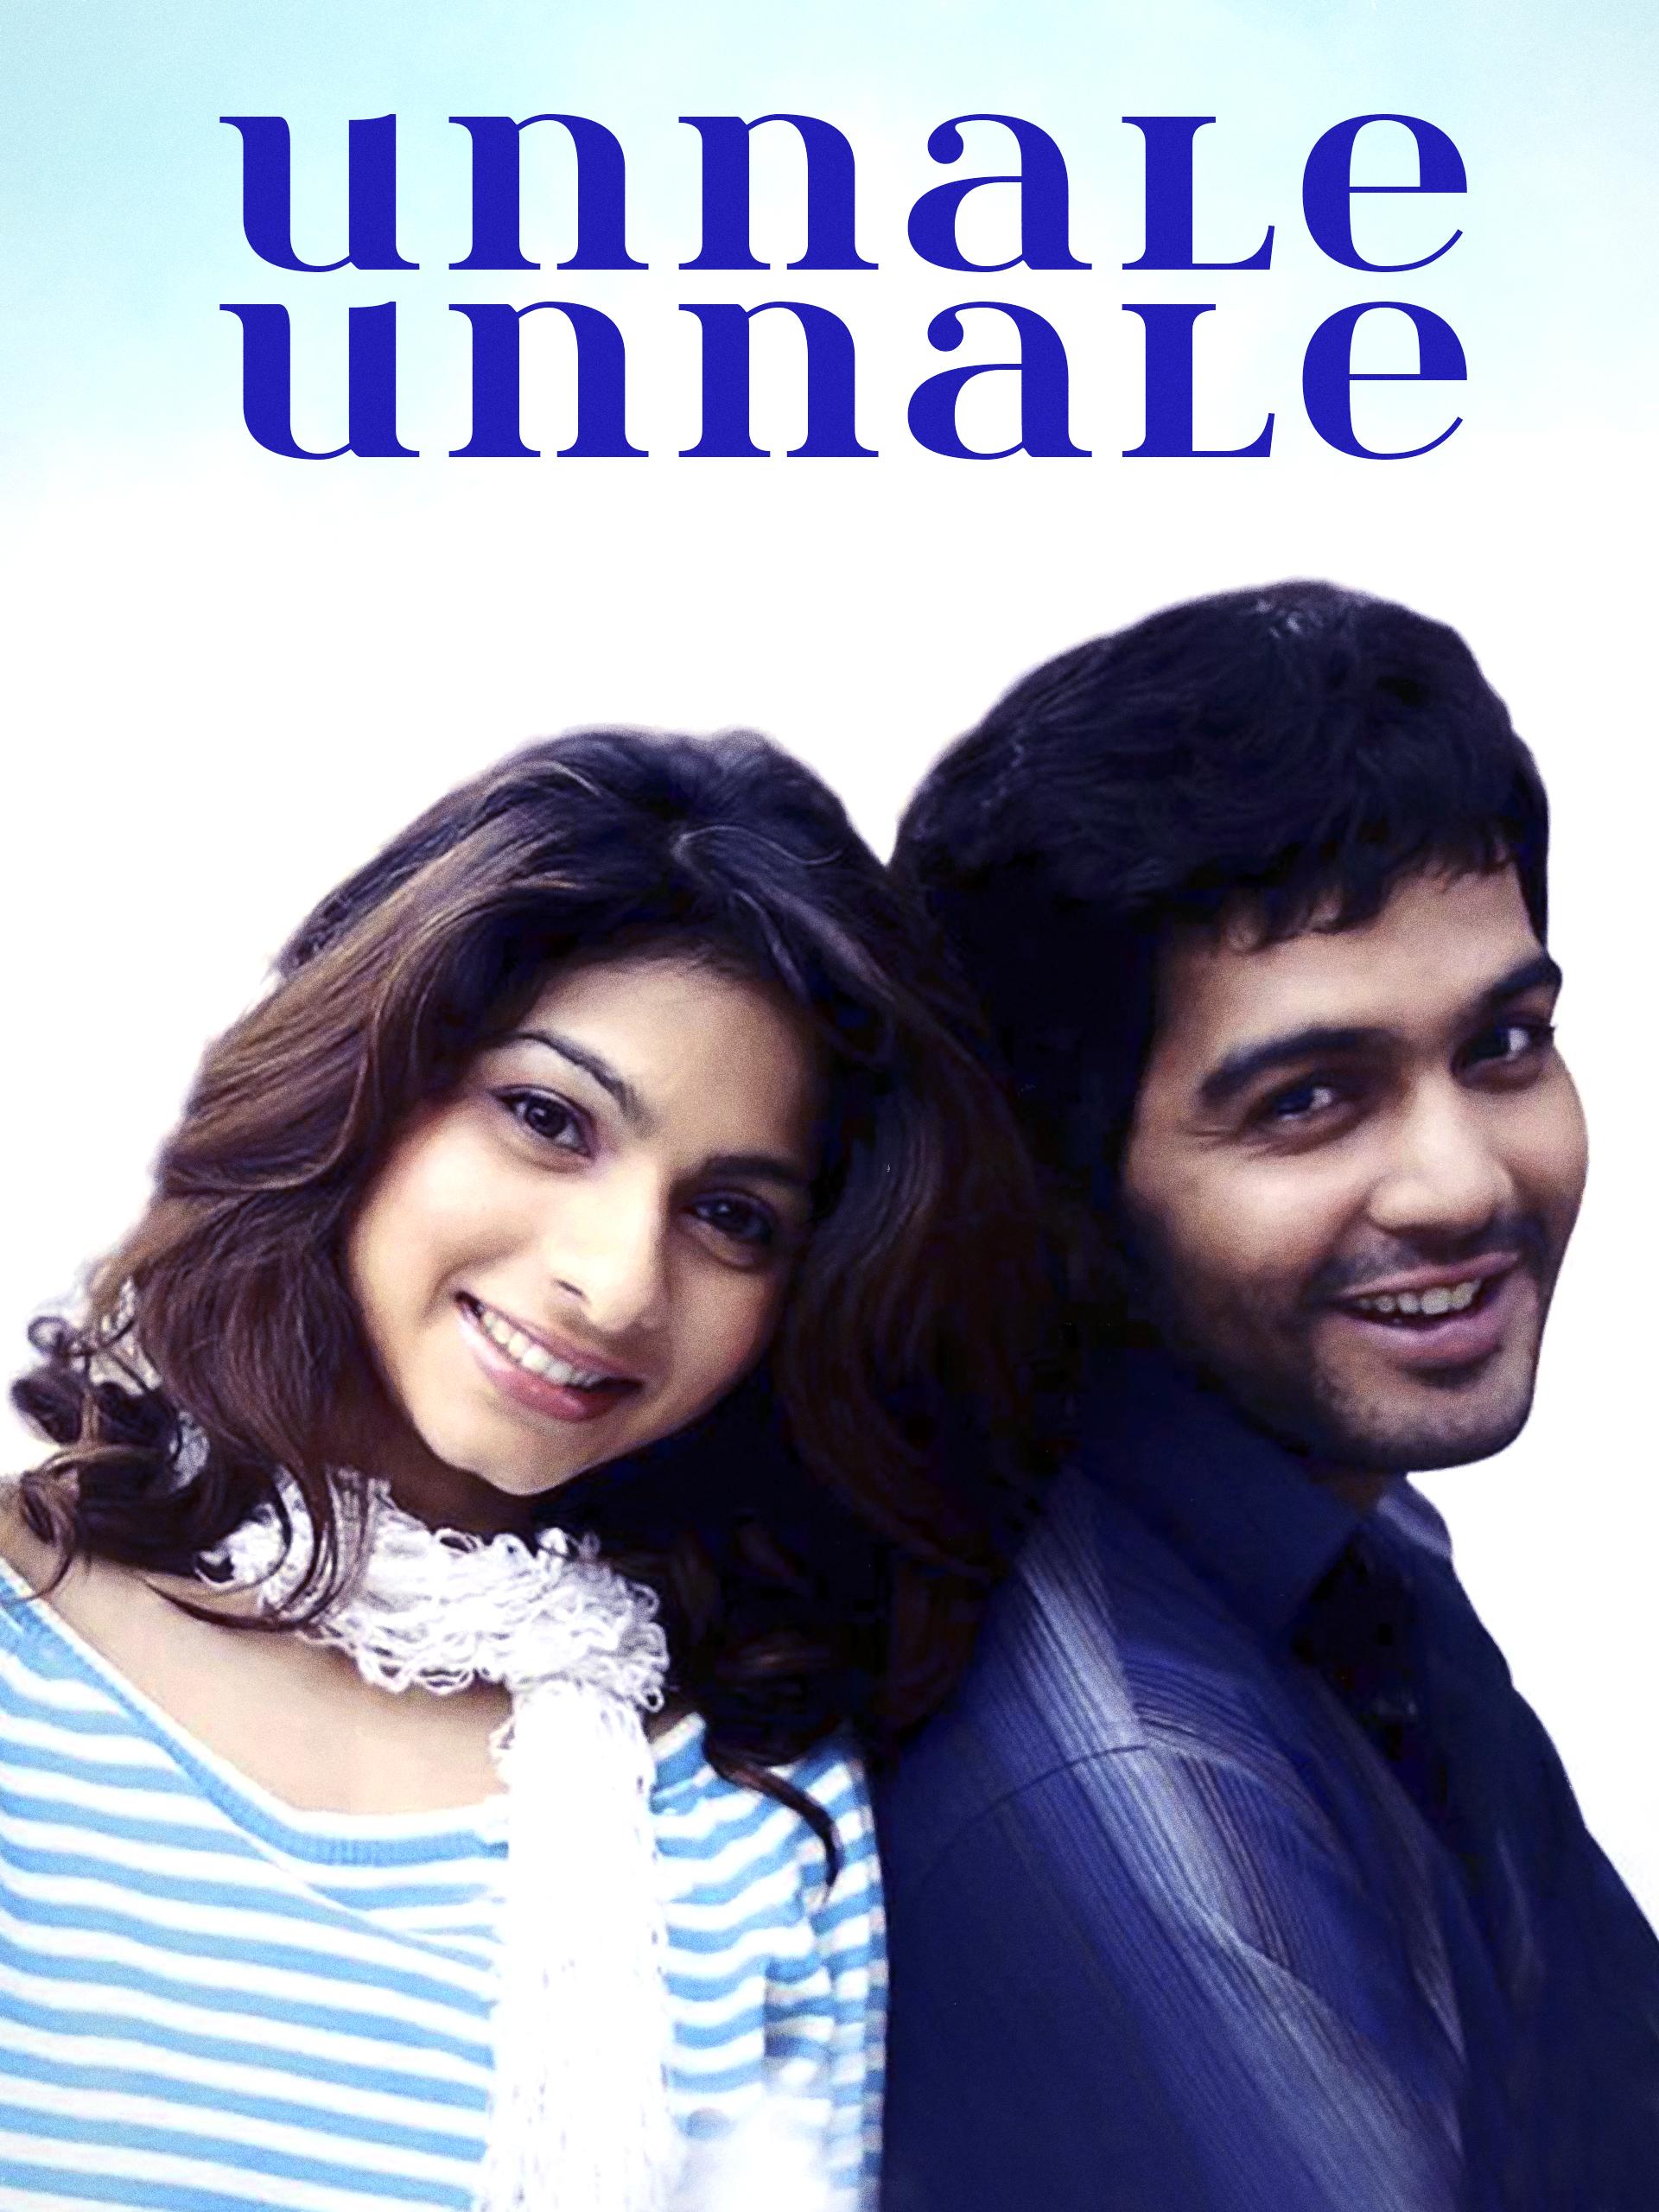 Watch Unnale Unnale full movie Online - Eros Now